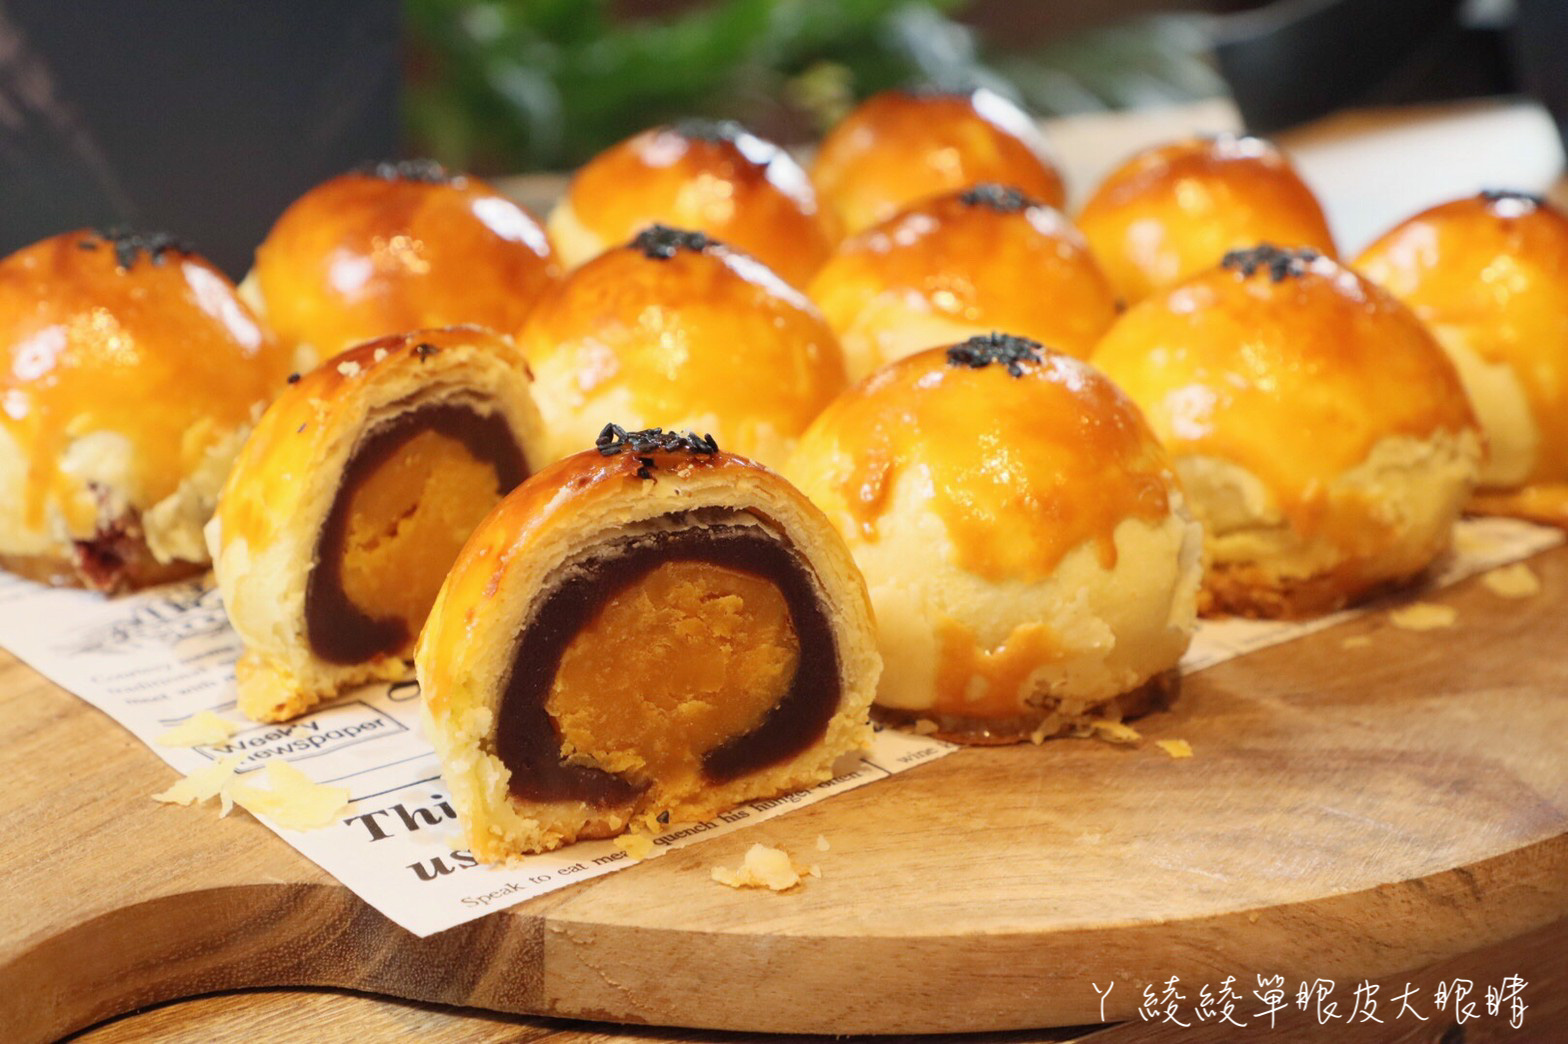 新竹巨城附近早午餐推薦格林小鎮!中秋月餅禮盒蛋黃酥好吃到想哭,點主餐免費招待麵包吃到飽